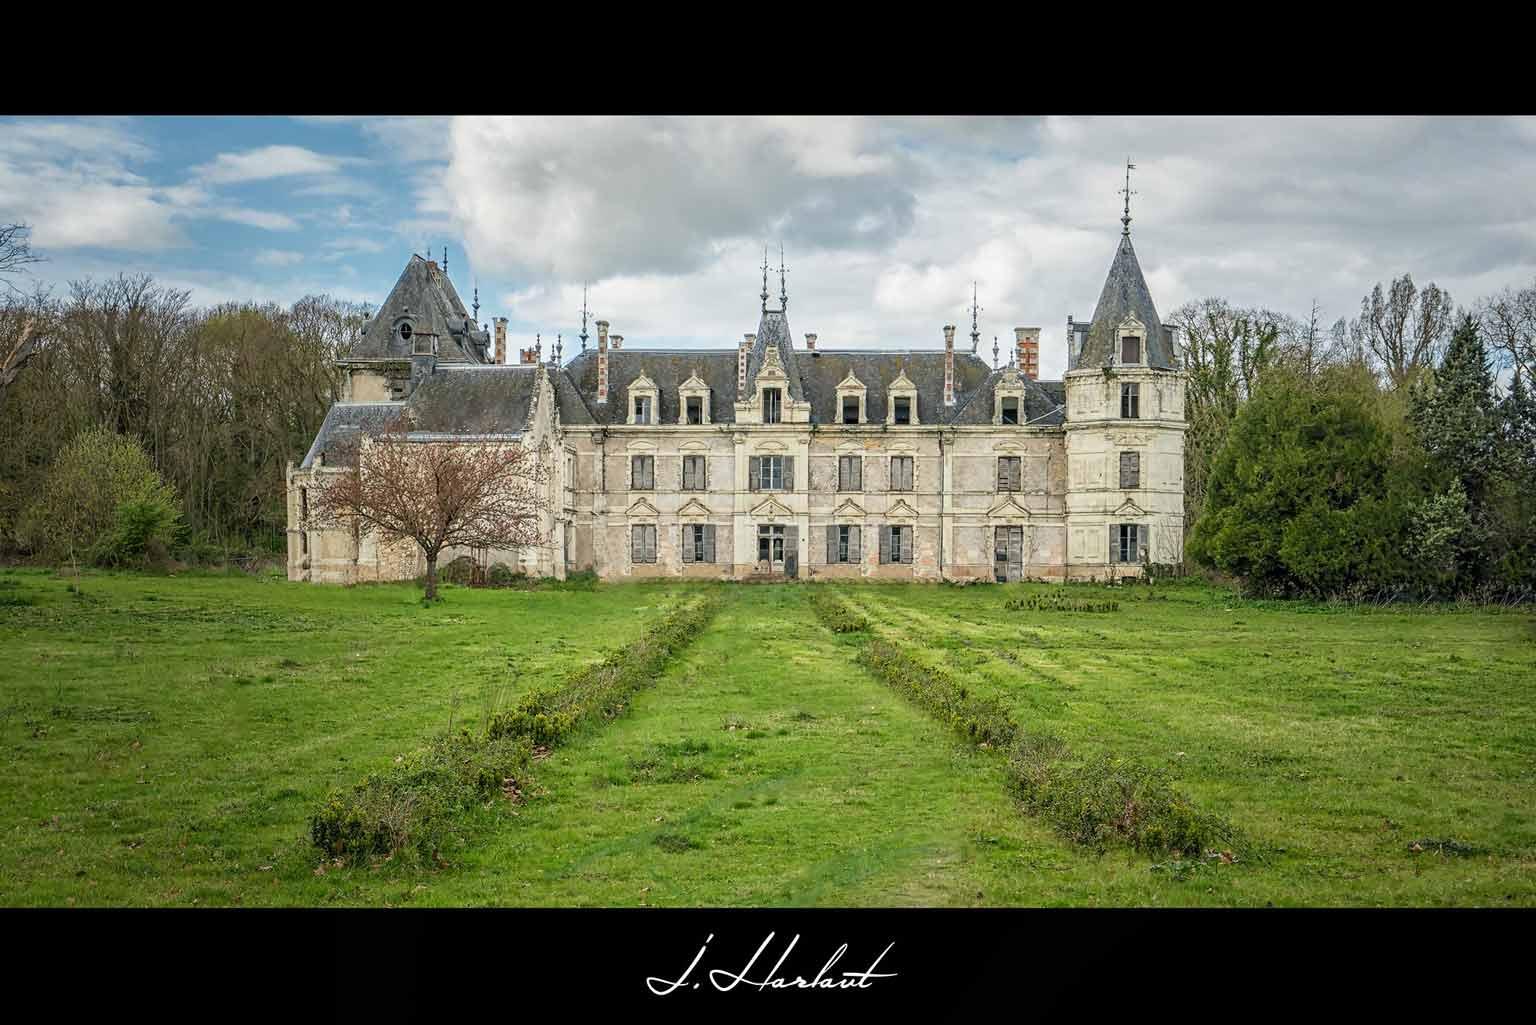 Julien-Harlaut---Facade_0026